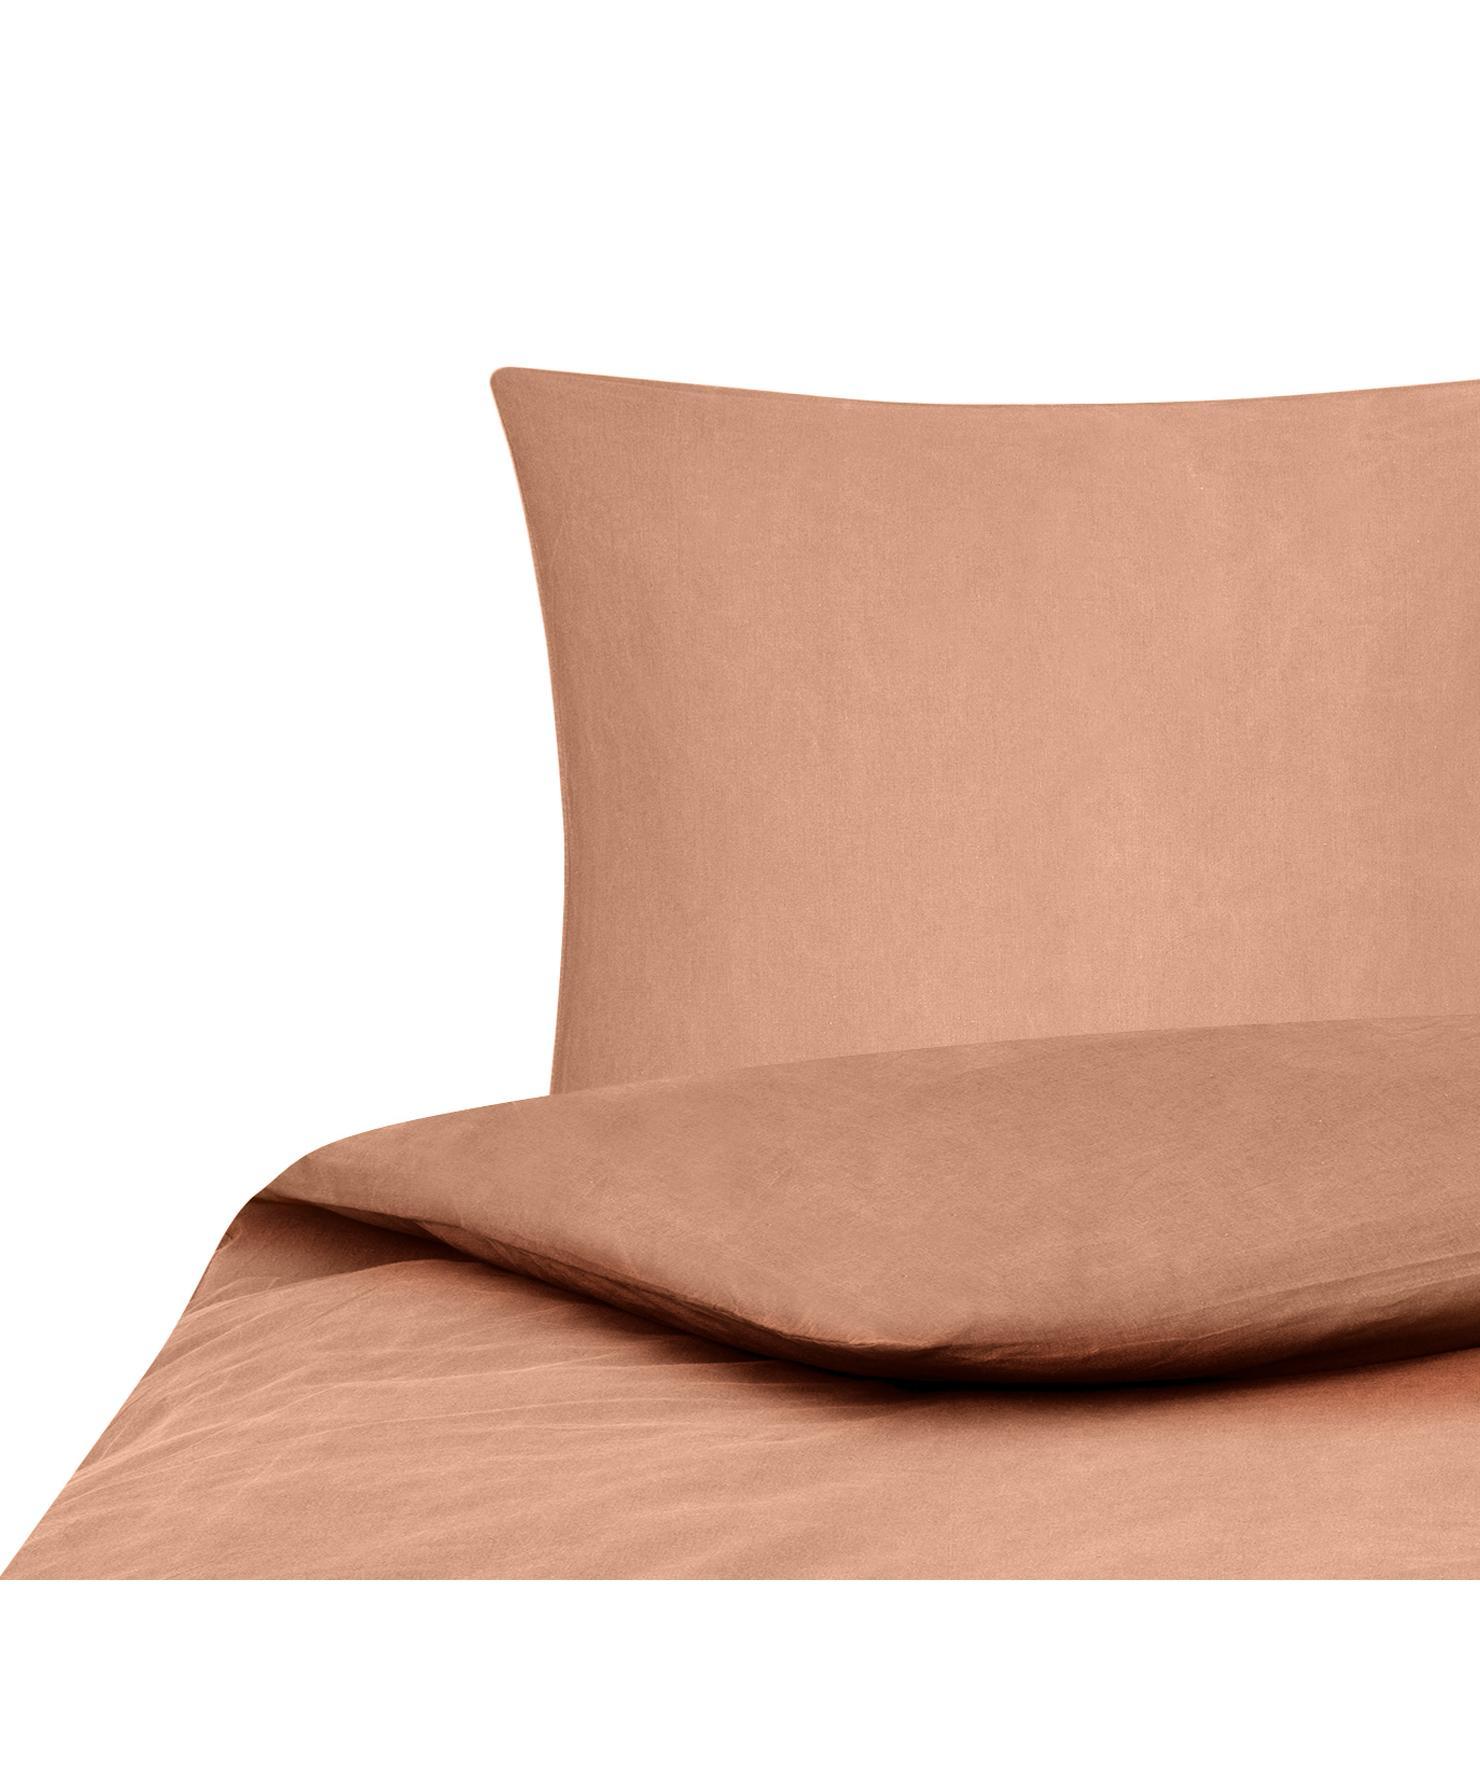 Gewaschene Baumwoll-Bettwäsche Arlene in Apricot, Webart: Renforcé Fadendichte 144 , Apricot, 155 x 220 cm + 1 Kissen 80 x 80 cm